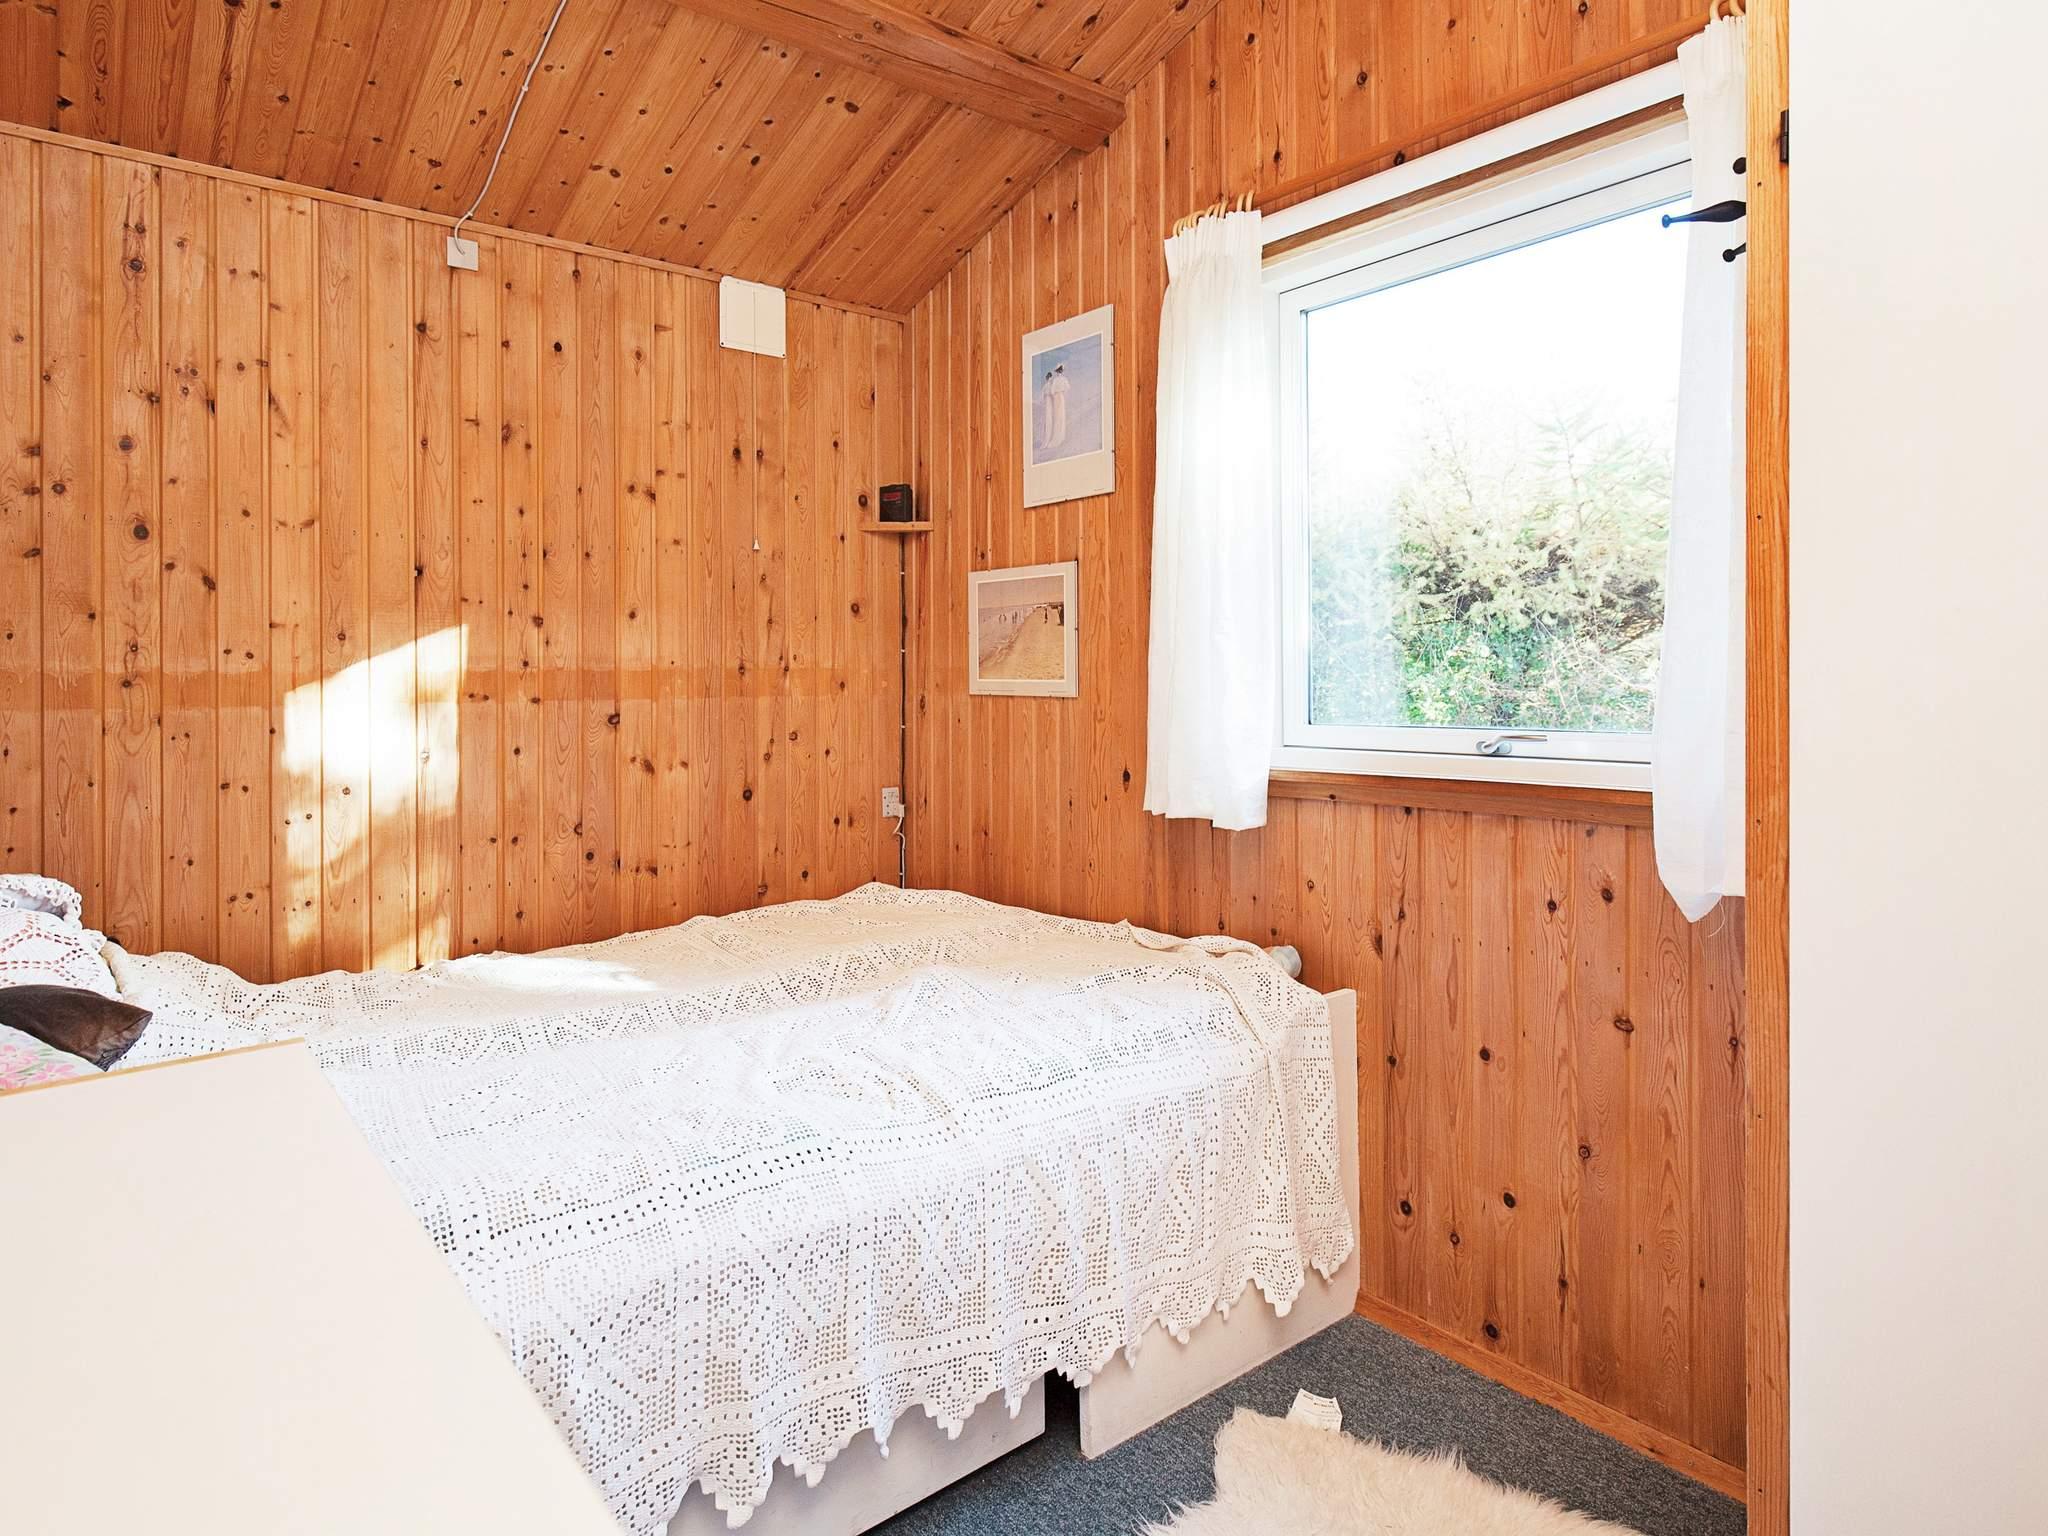 Ferienhaus Udsholt Strand (2355111), Udsholt, , Nordseeland, Dänemark, Bild 8